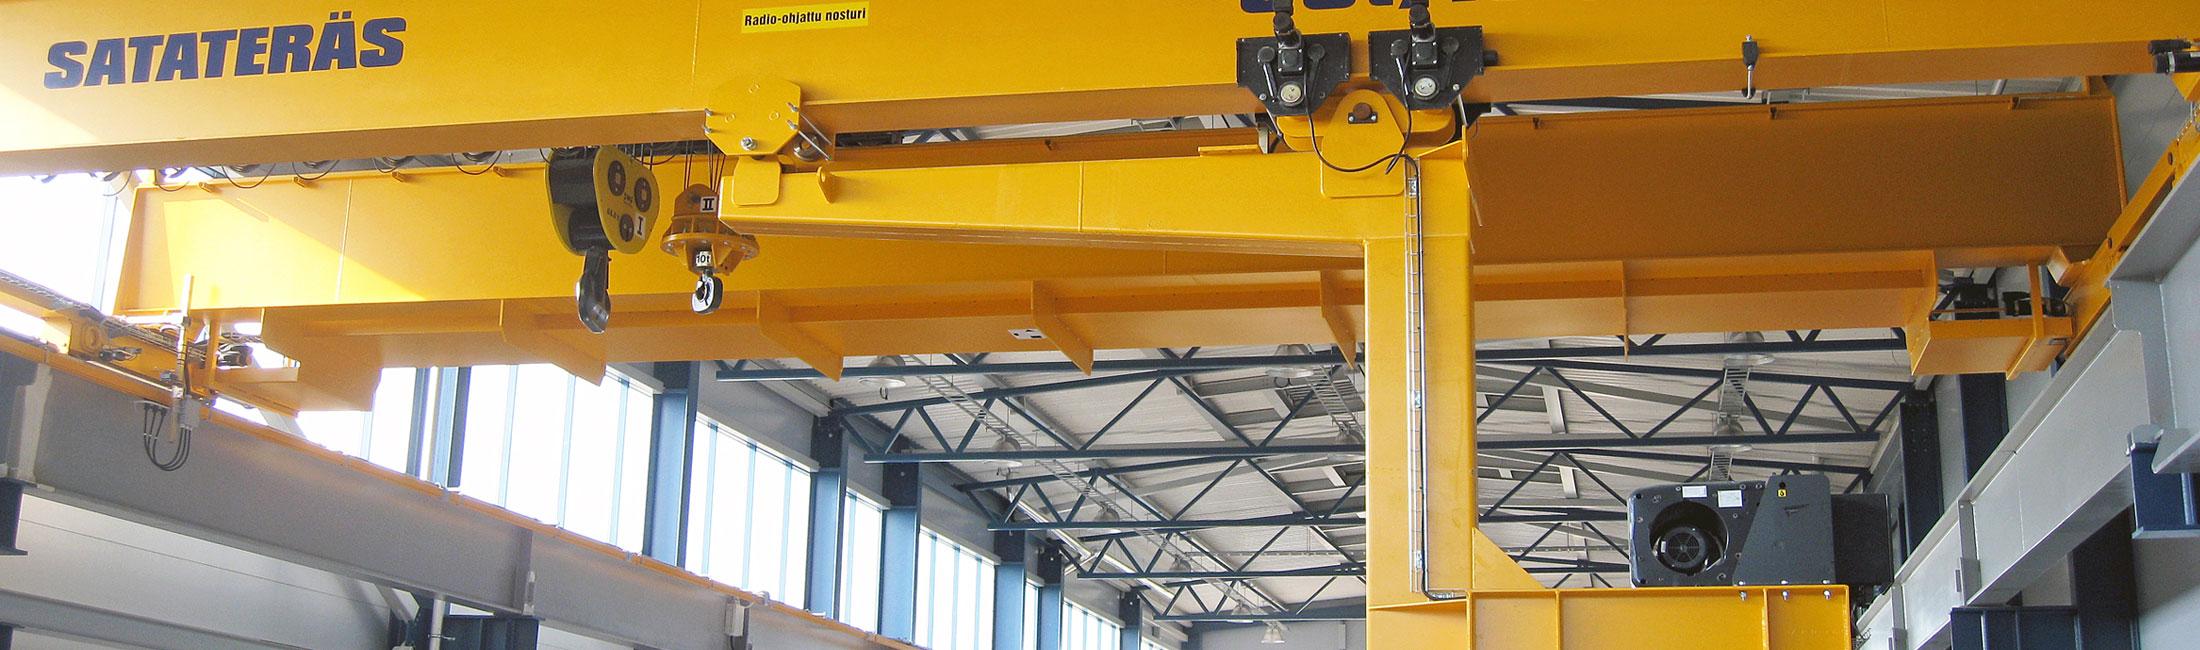 teollisuus-metalliteollisuus-teollisuuden-nostoapuvalineet-satateras-4